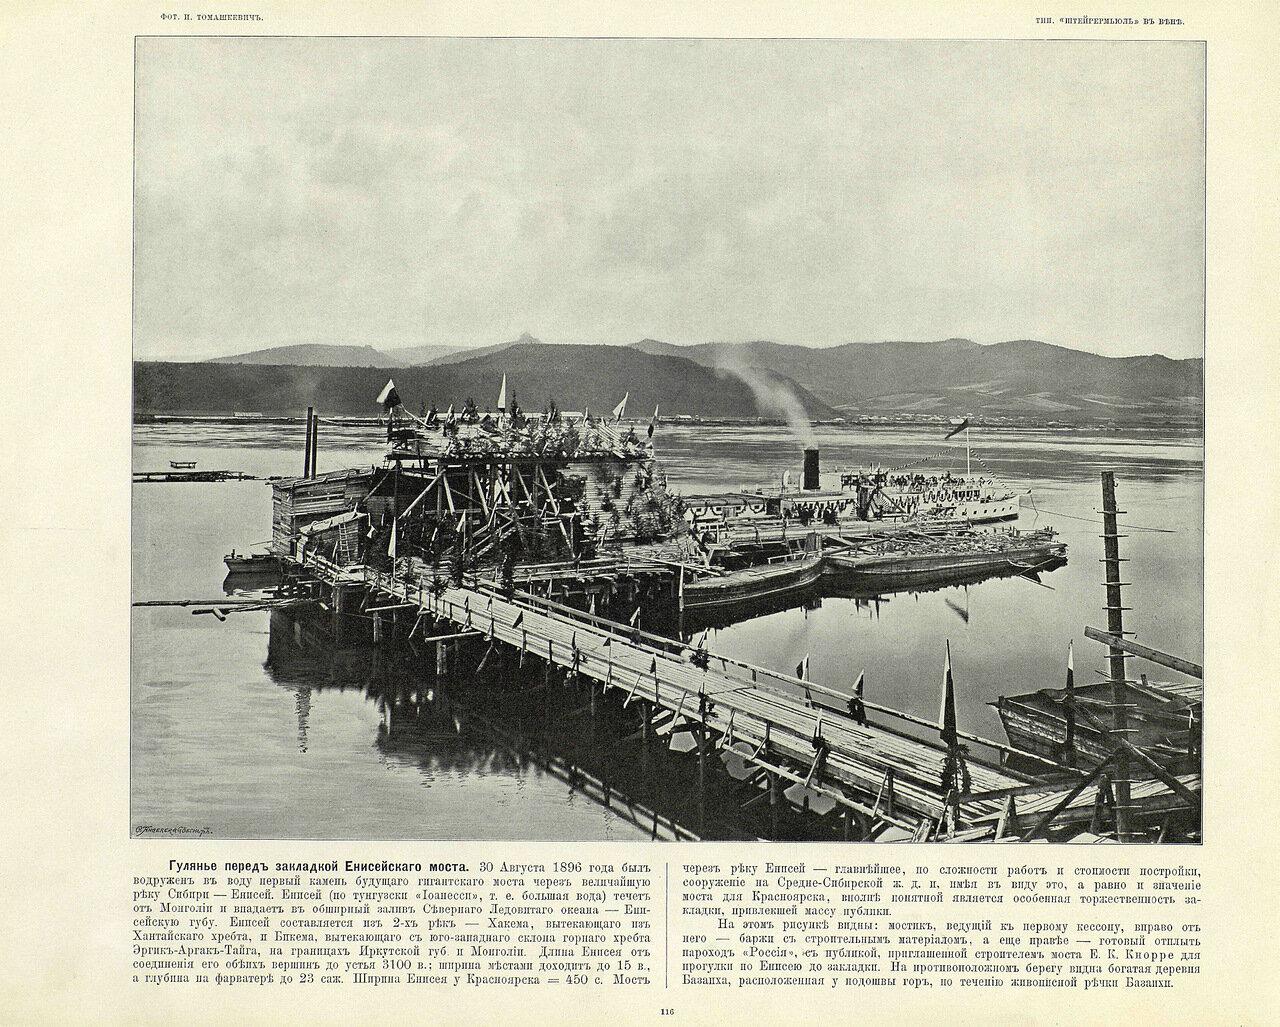 116. Гуляние перед закладкой Енисейского моста